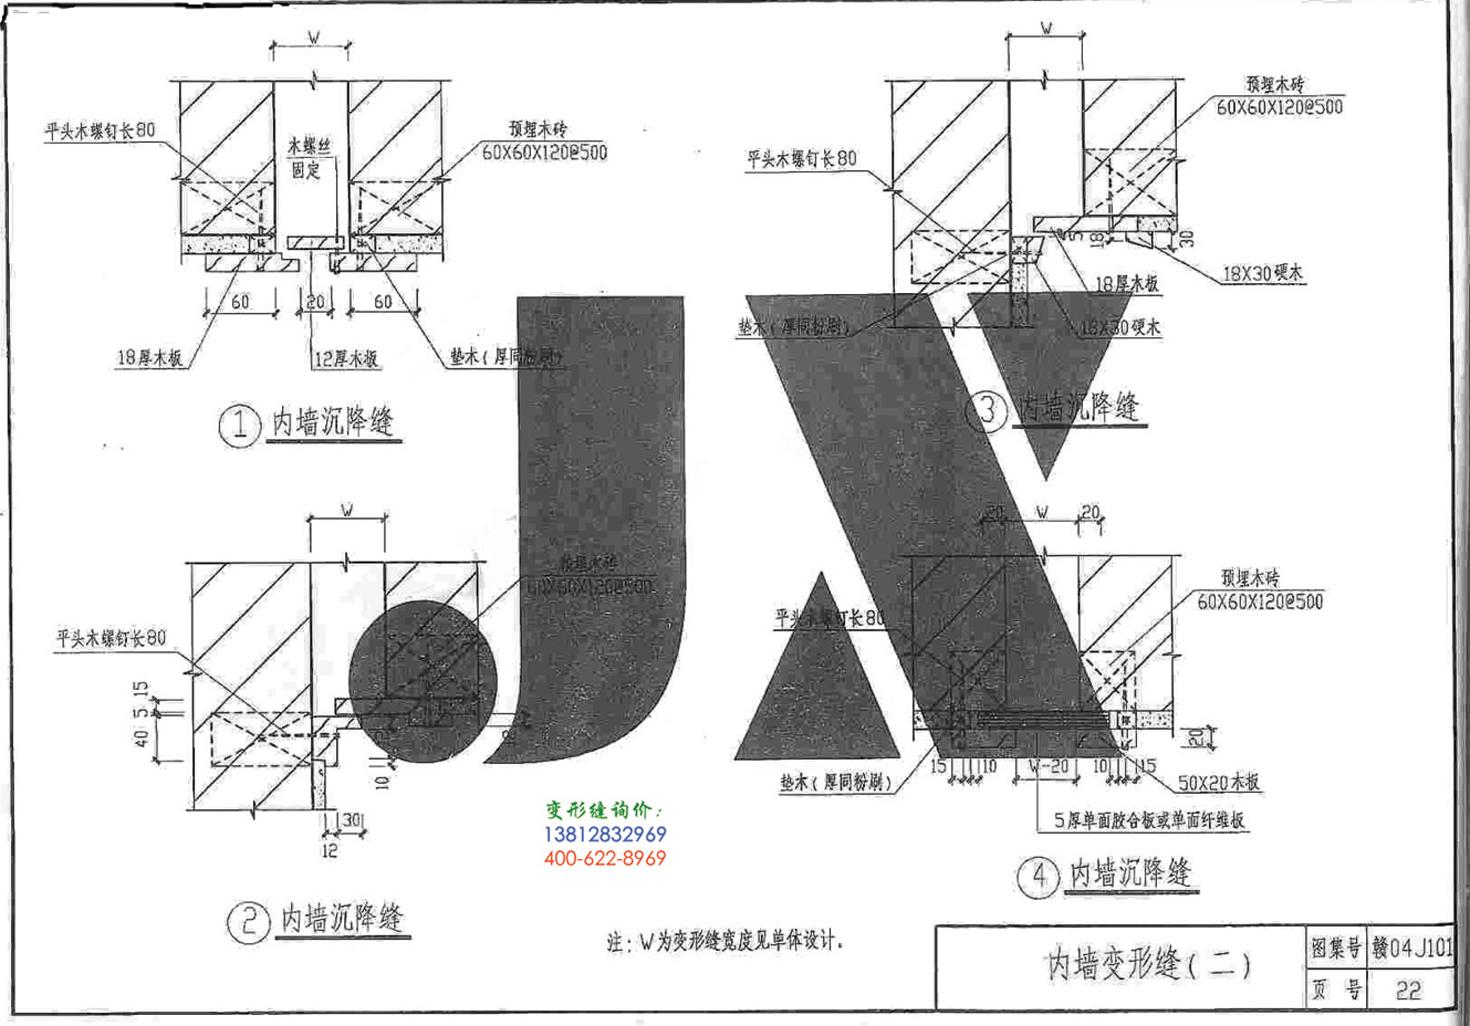 赣04J101变形缝图集p22